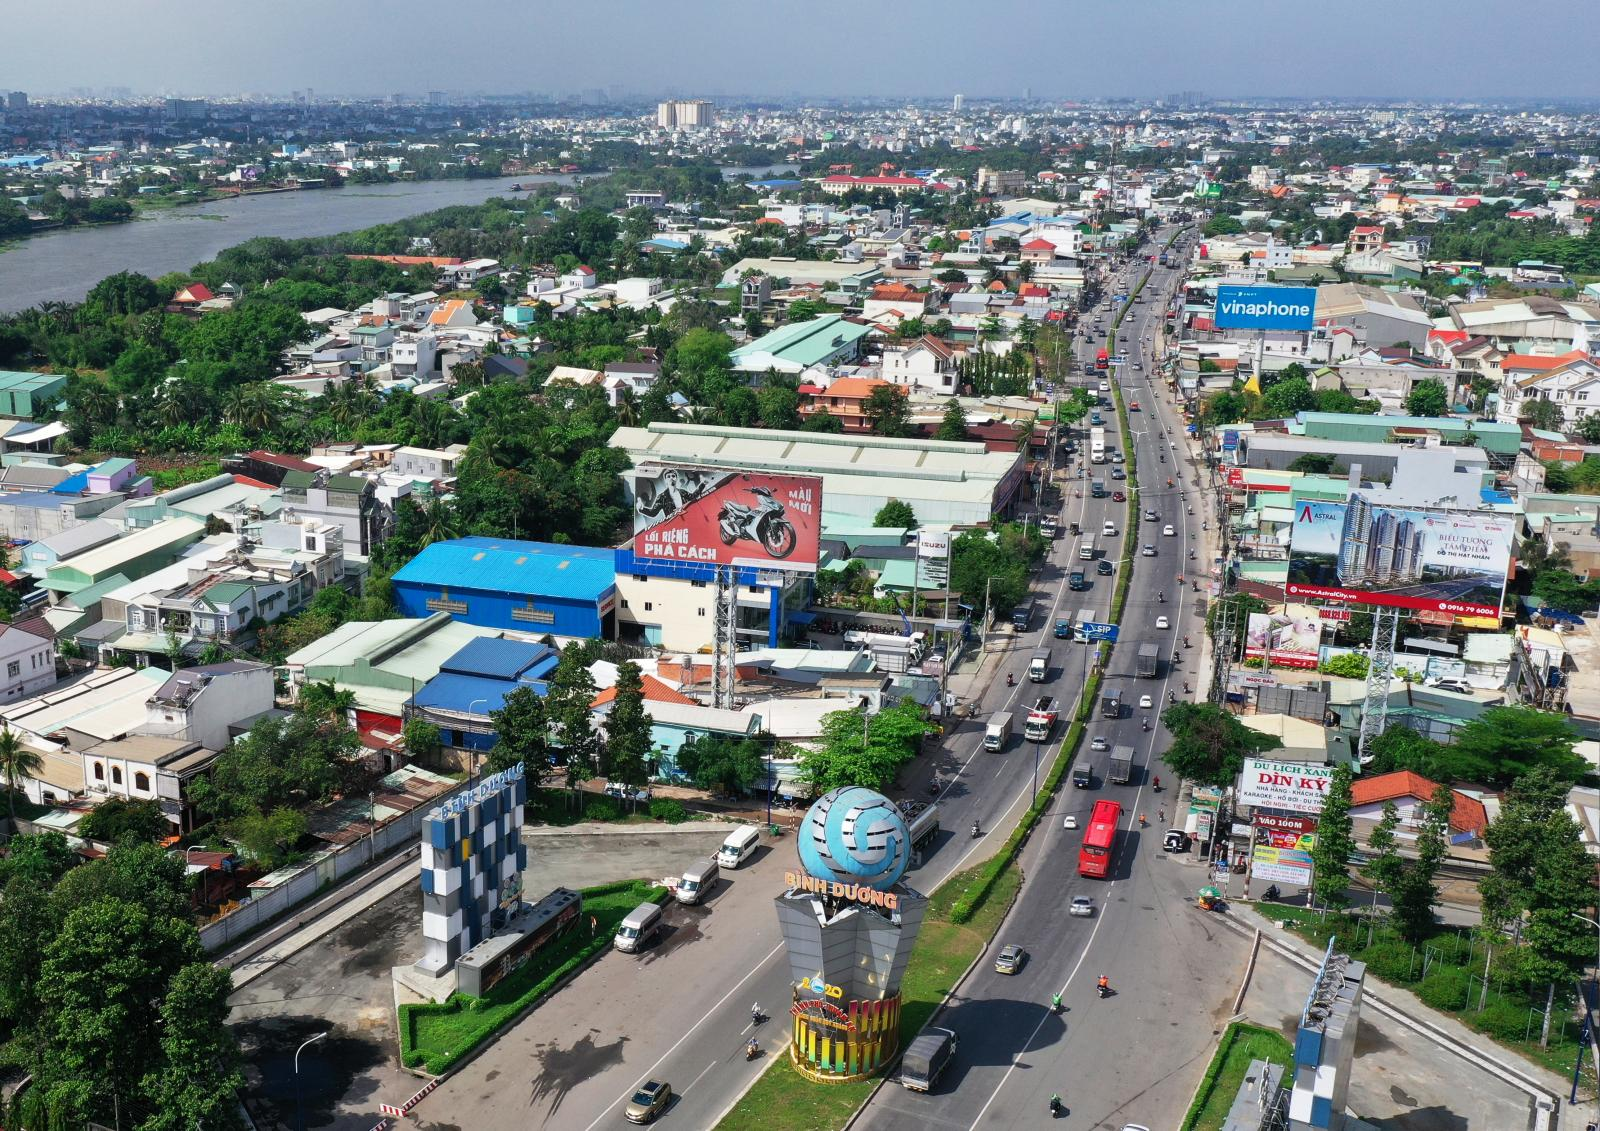 Tuyến đường trung tâm TP. Thuận An Bình Dương